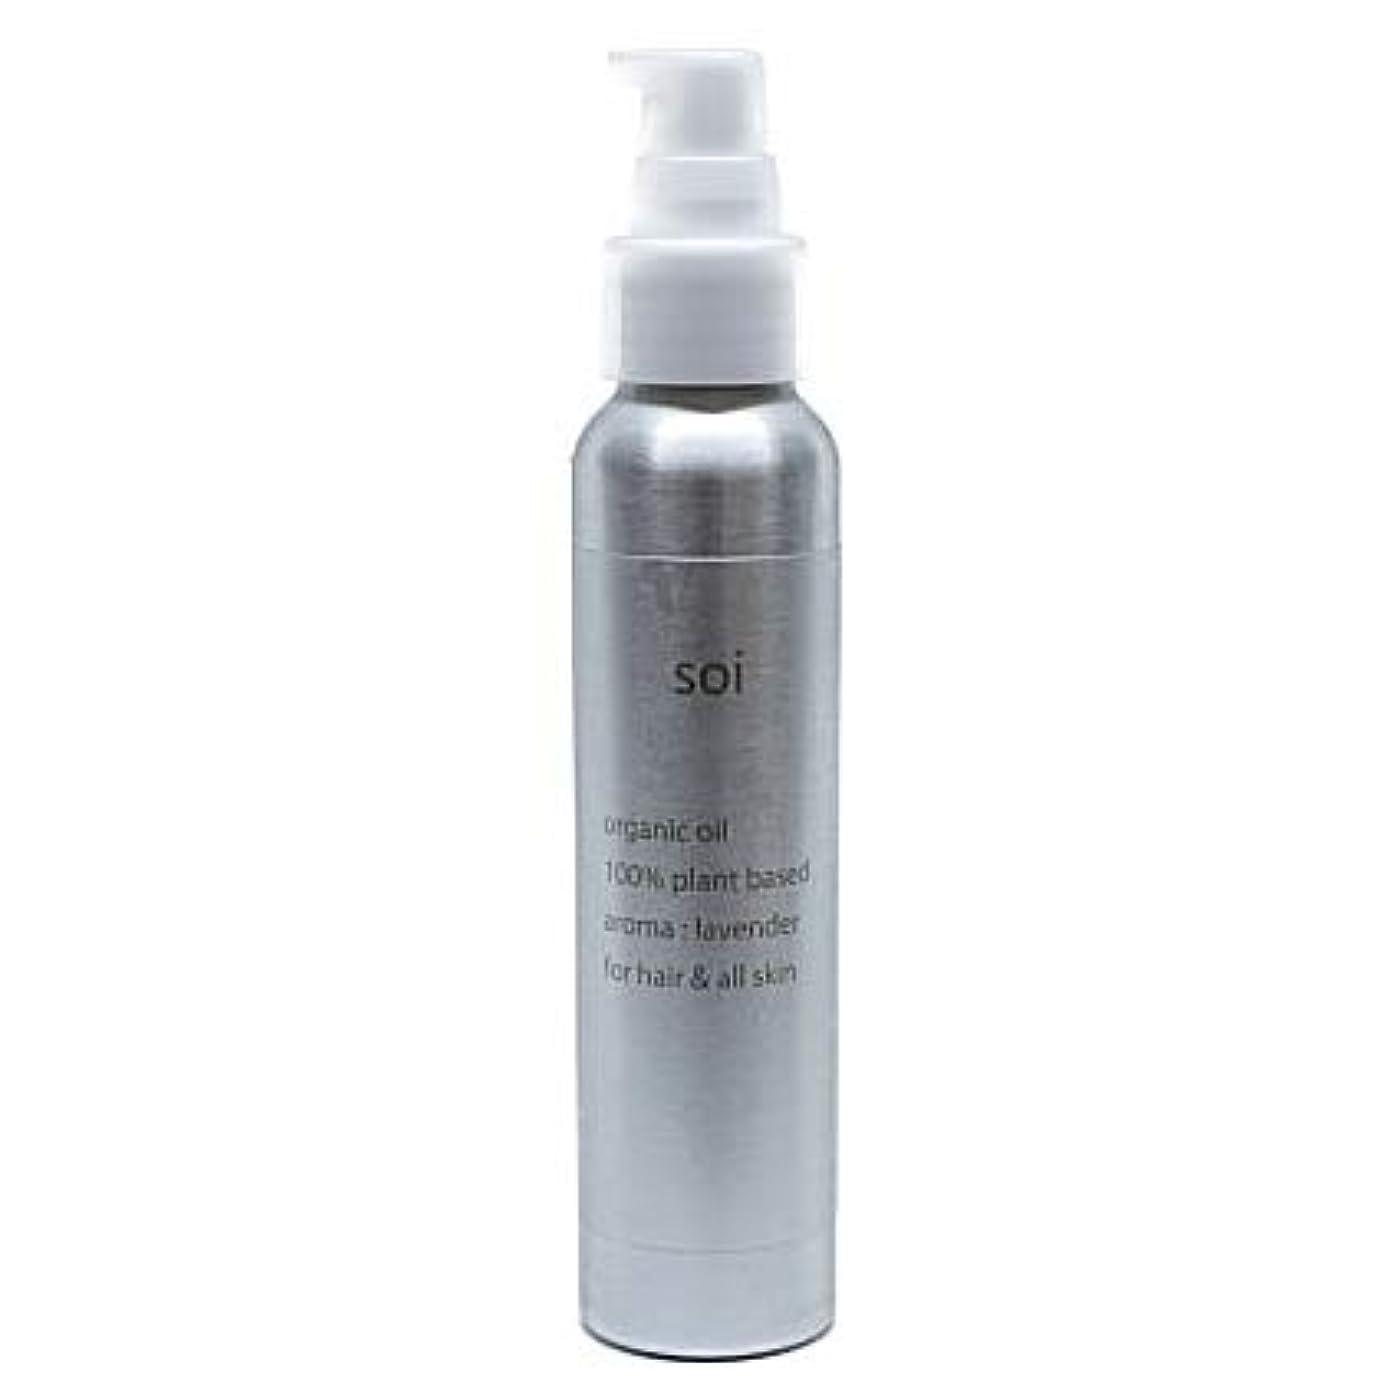 マスク安心させる力学soioil/ソイオイル オーガニックオイル【濡れ感×自然な束感】濡れ髪風仕上げにおすすめ